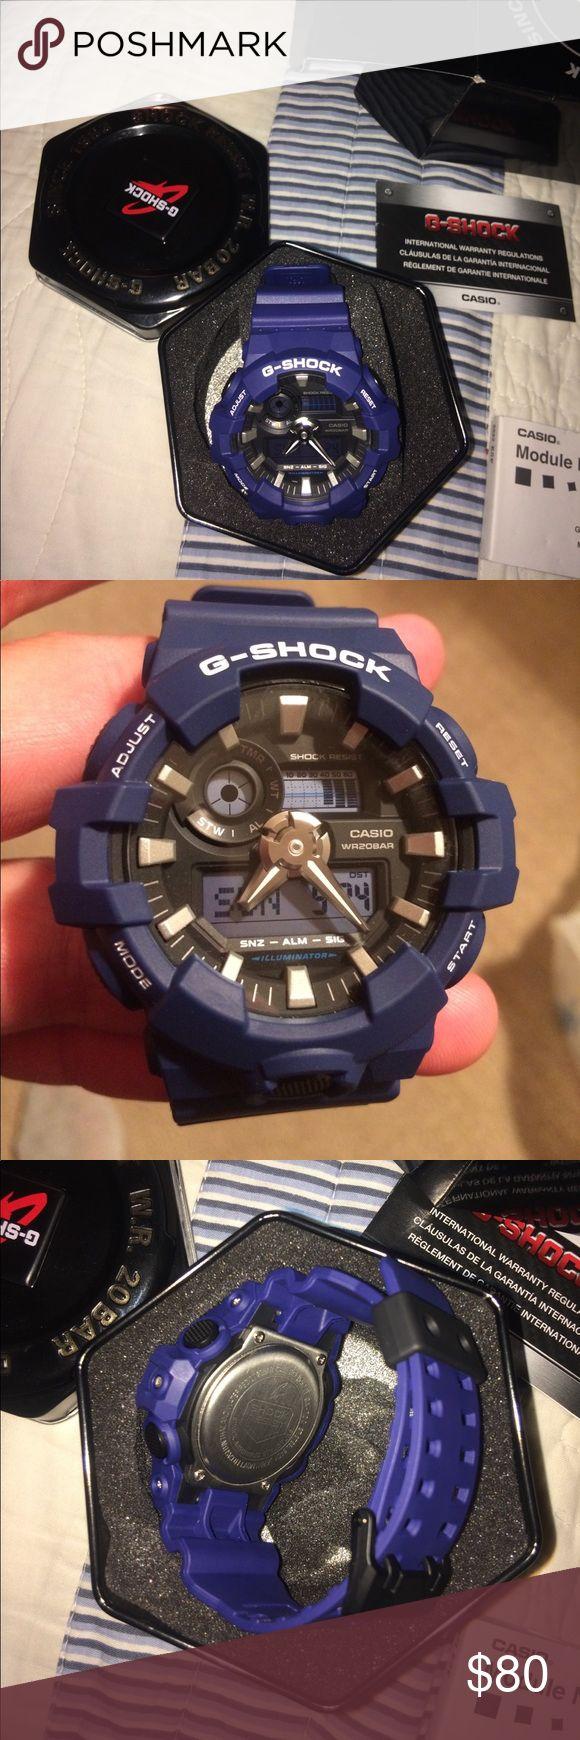 G-Shock watch G-shock Casio. Brand new, in box never worn. Blue. G-Shock Accessories Watches